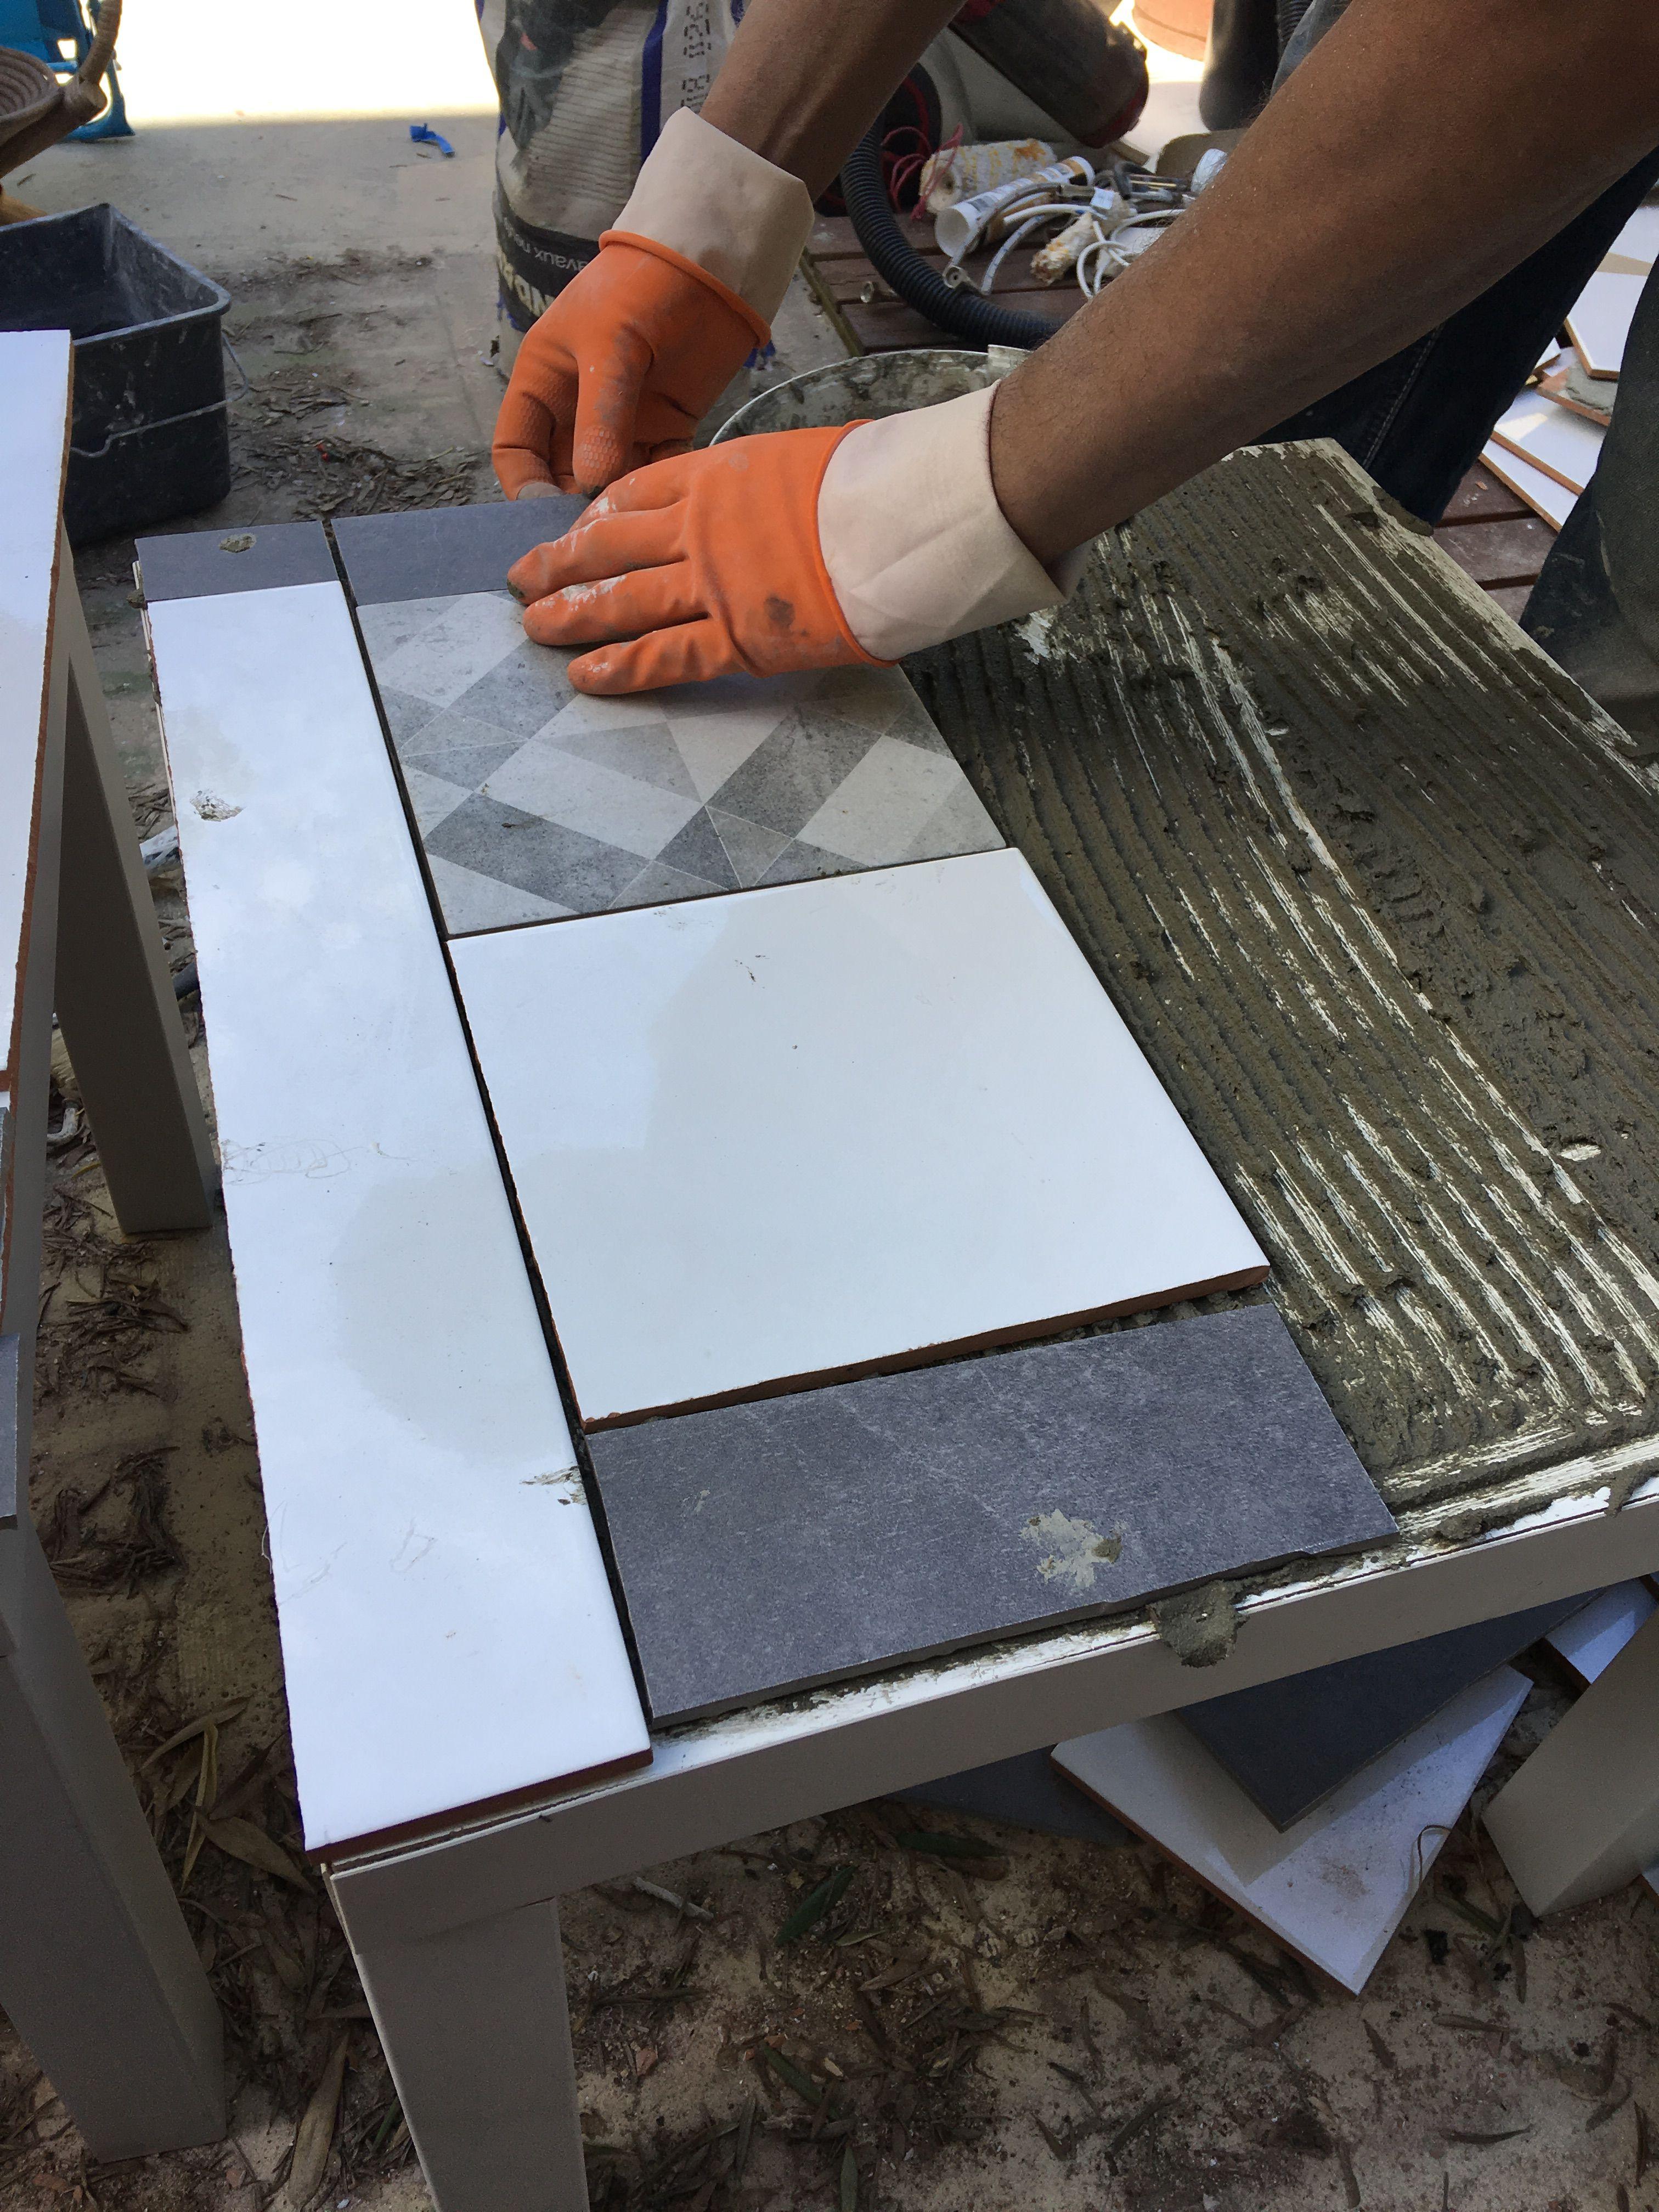 Petite table Ikea transforme en table basse d'extérieur grâce à du carrelage | Petite table ikea ...